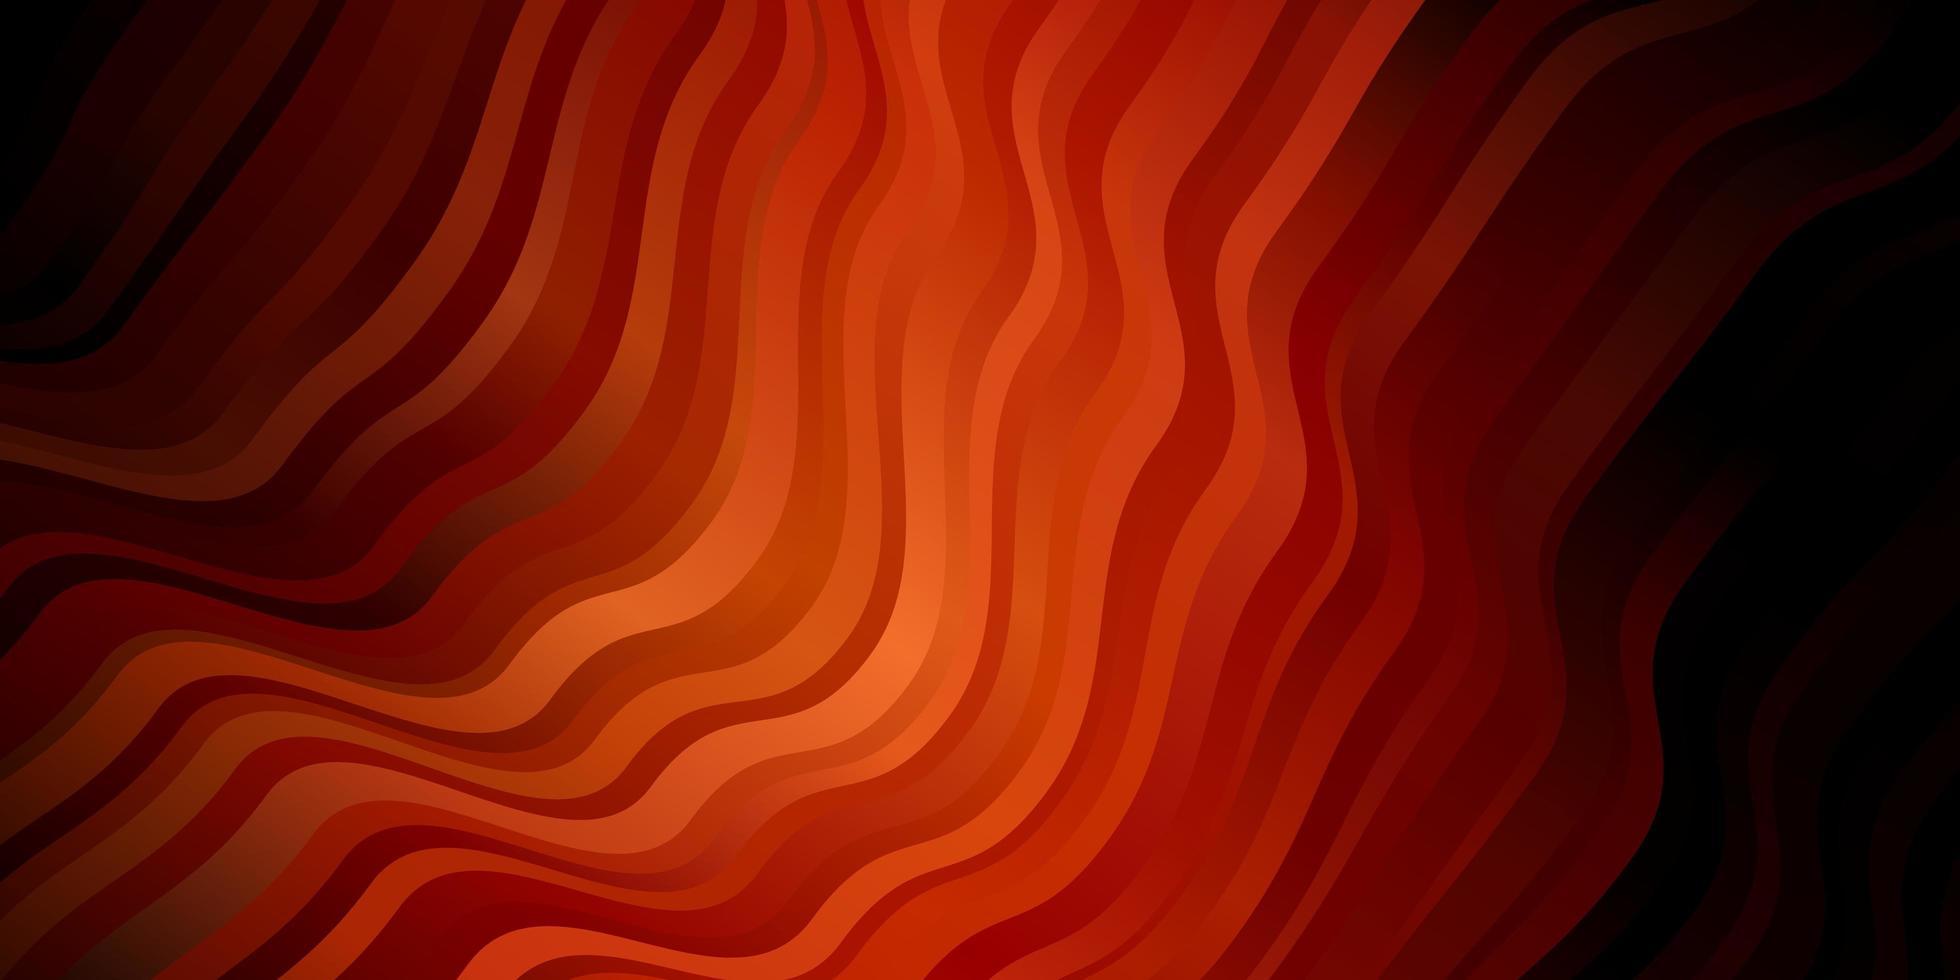 dunkelroter Vektorhintergrund mit trockenen Linien. vektor